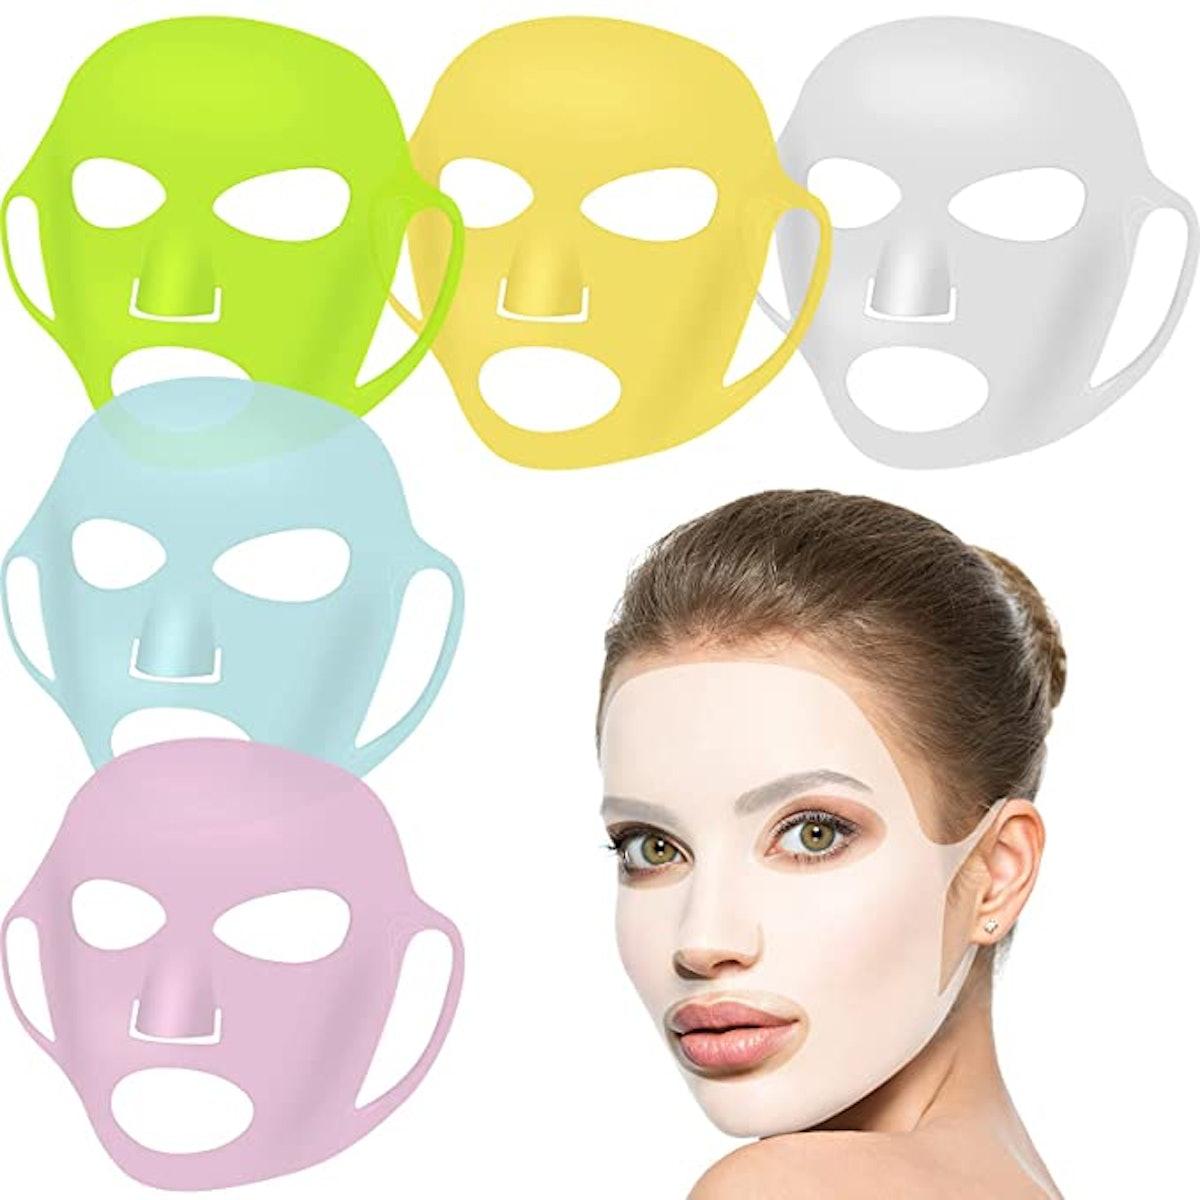 Maitys Reusable Silicone Facial Mask